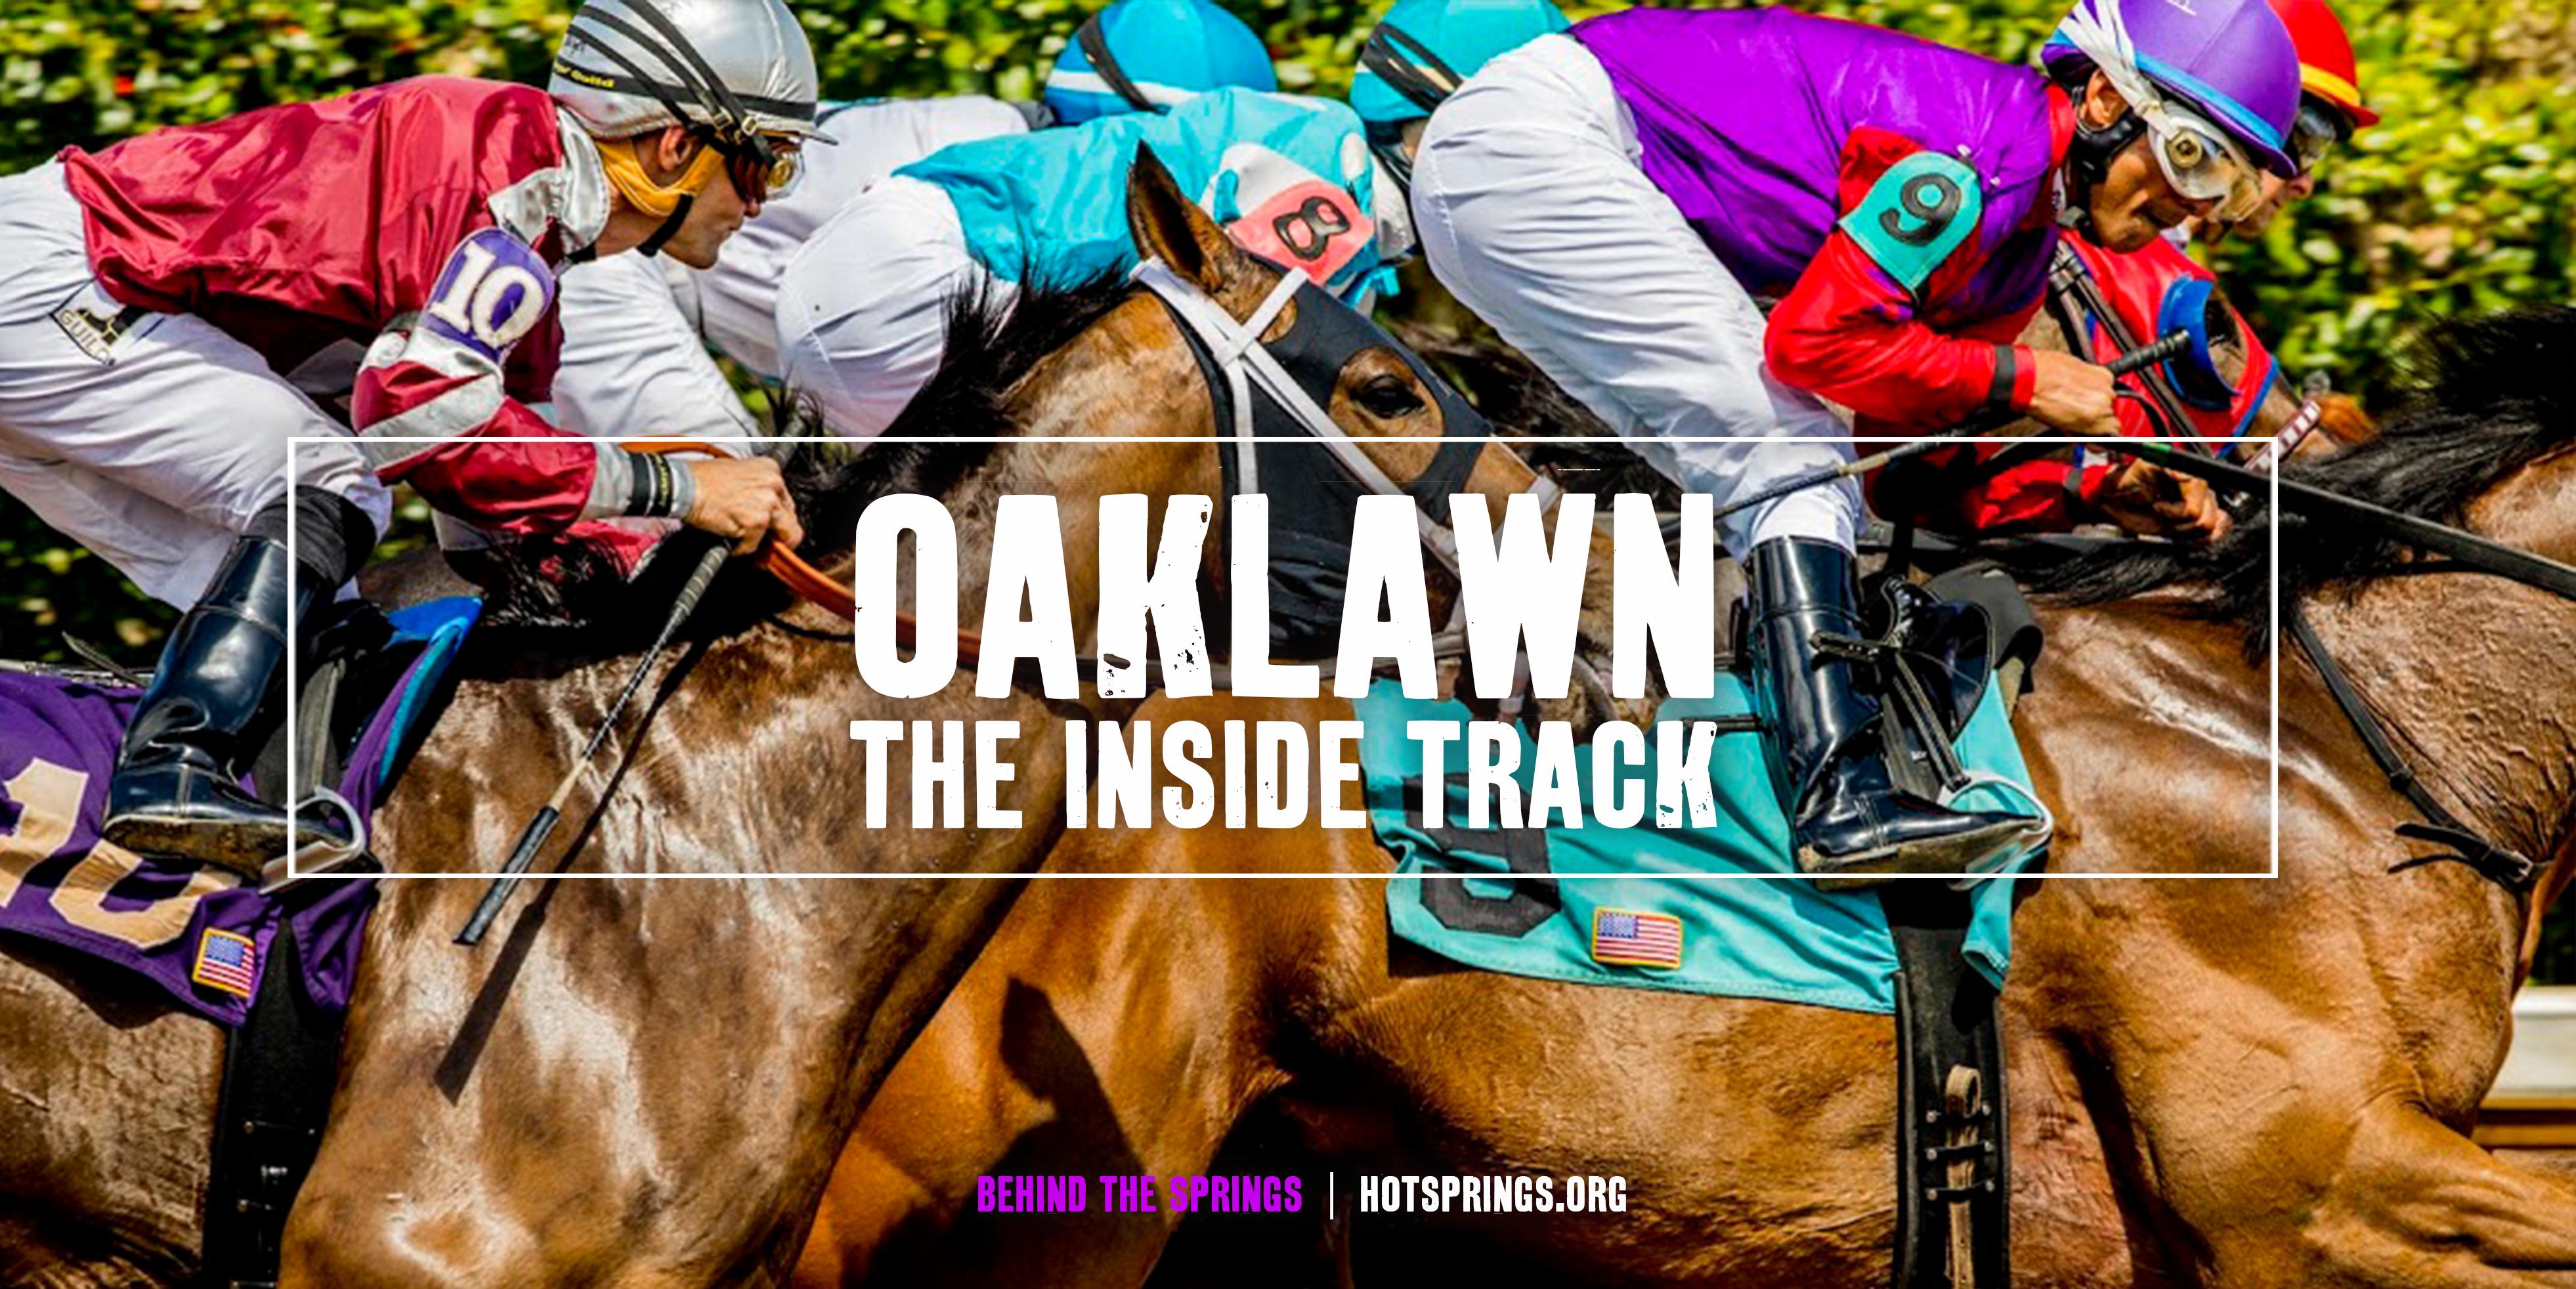 Oaklawn 2019 - The Inside Track